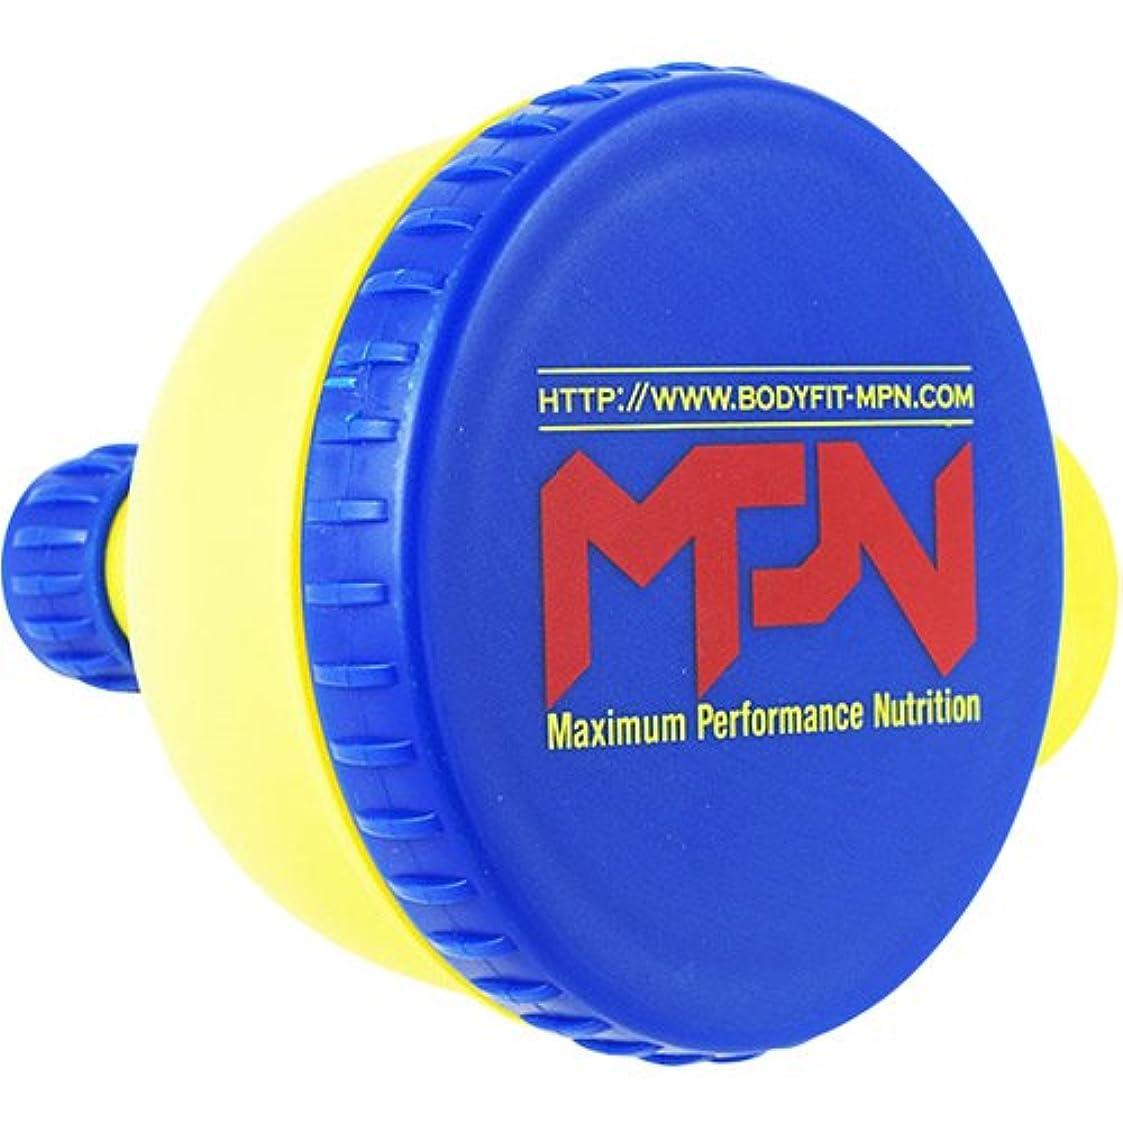 ビリーヤギシーサイド製油所ボディフィット MPN ファンネル 粉末サプリメント小分け携帯用漏斗